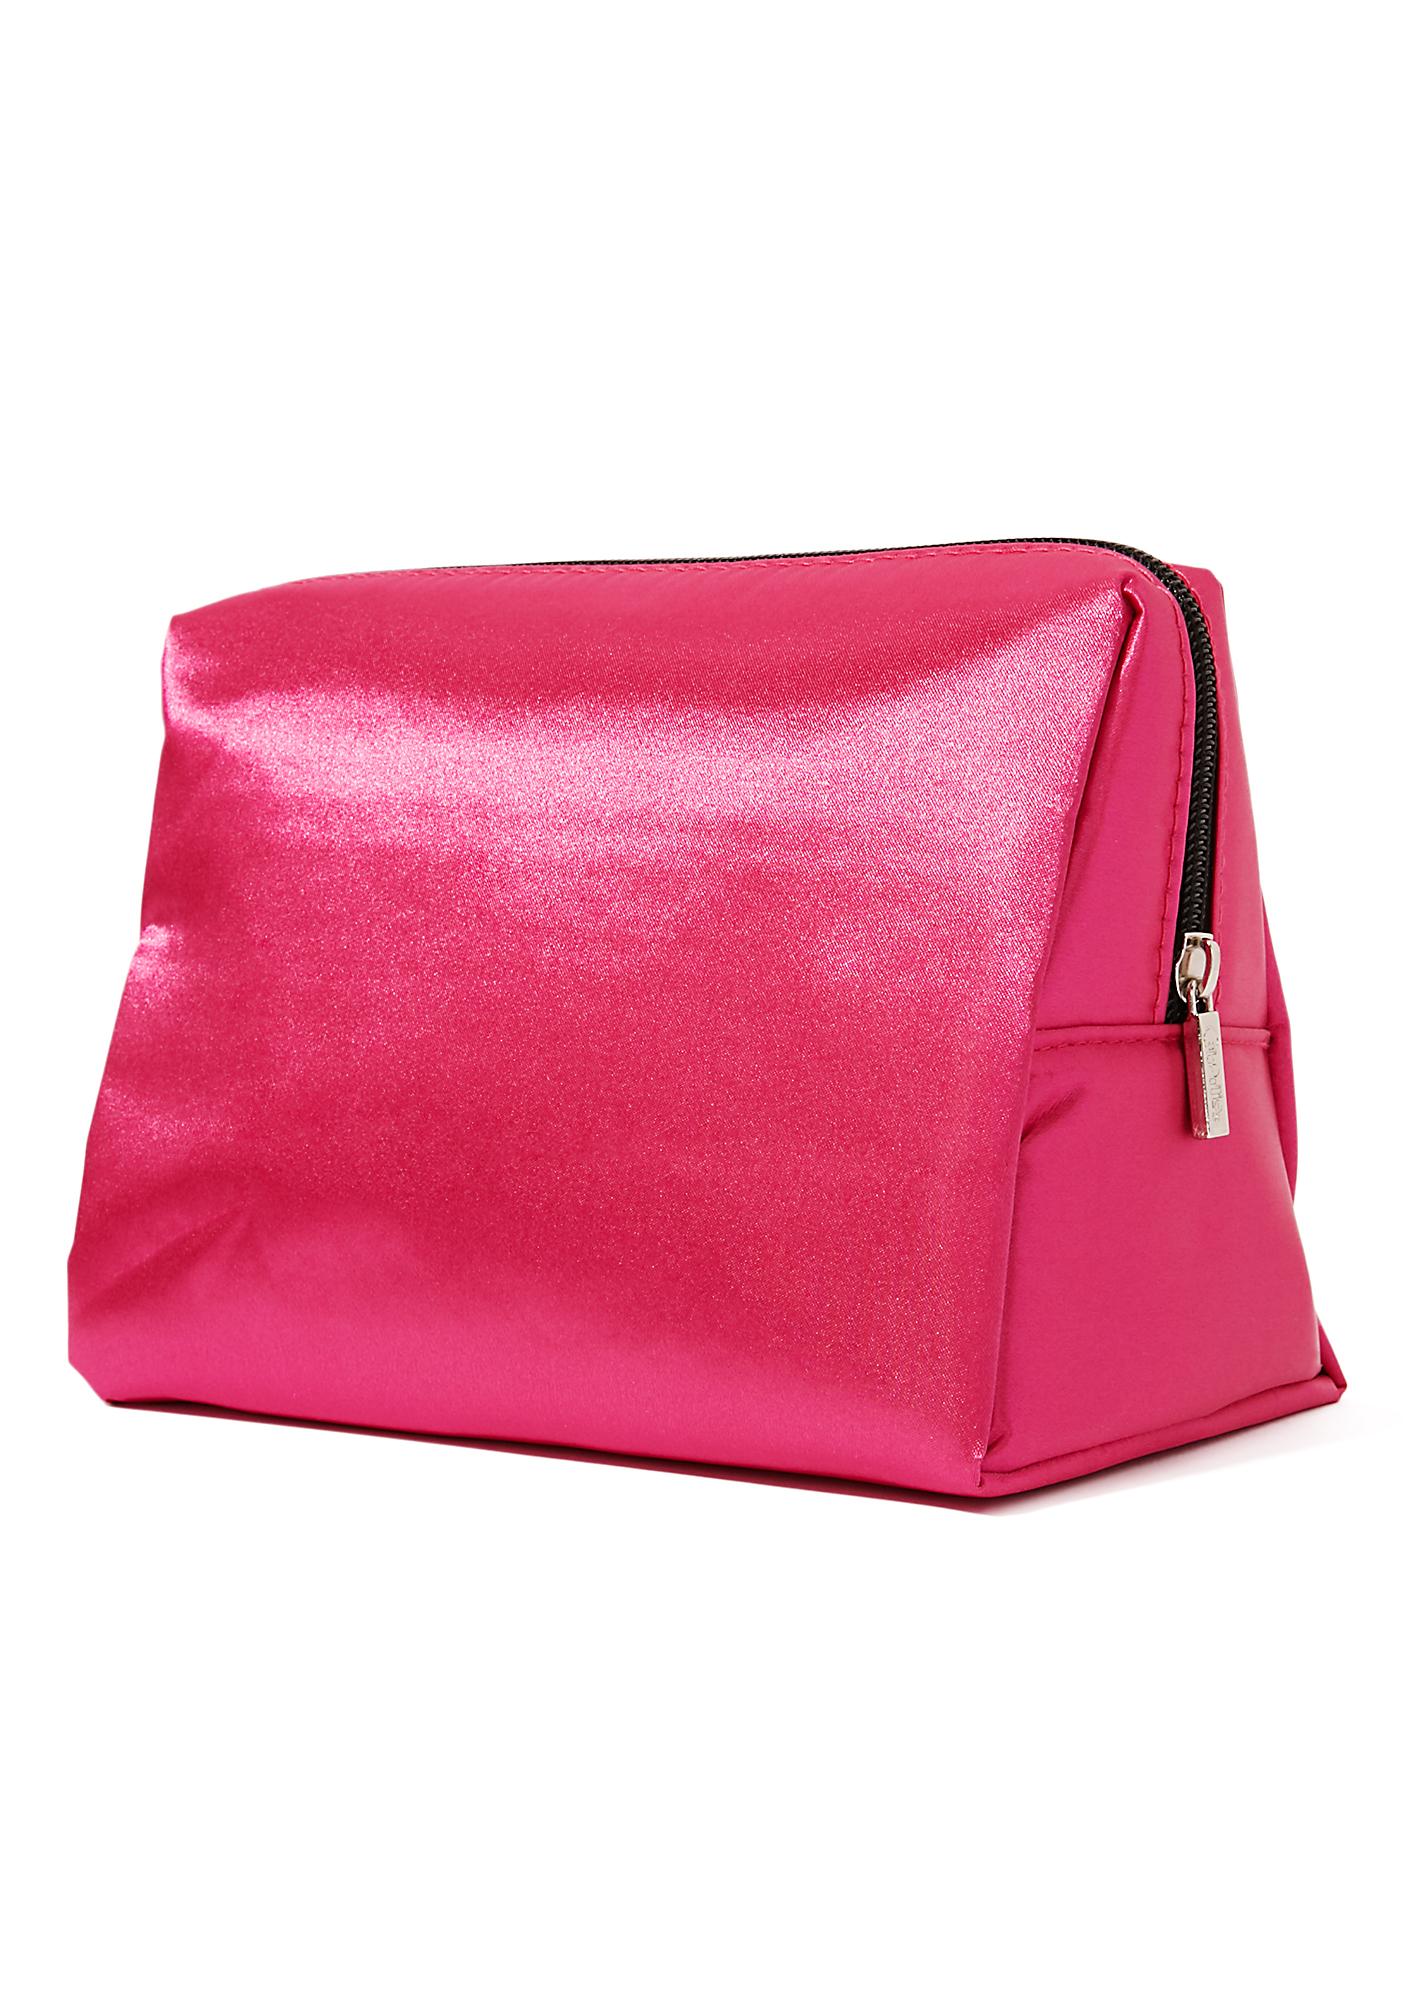 Caboodles Pixie Perfect Large Makeup Bag